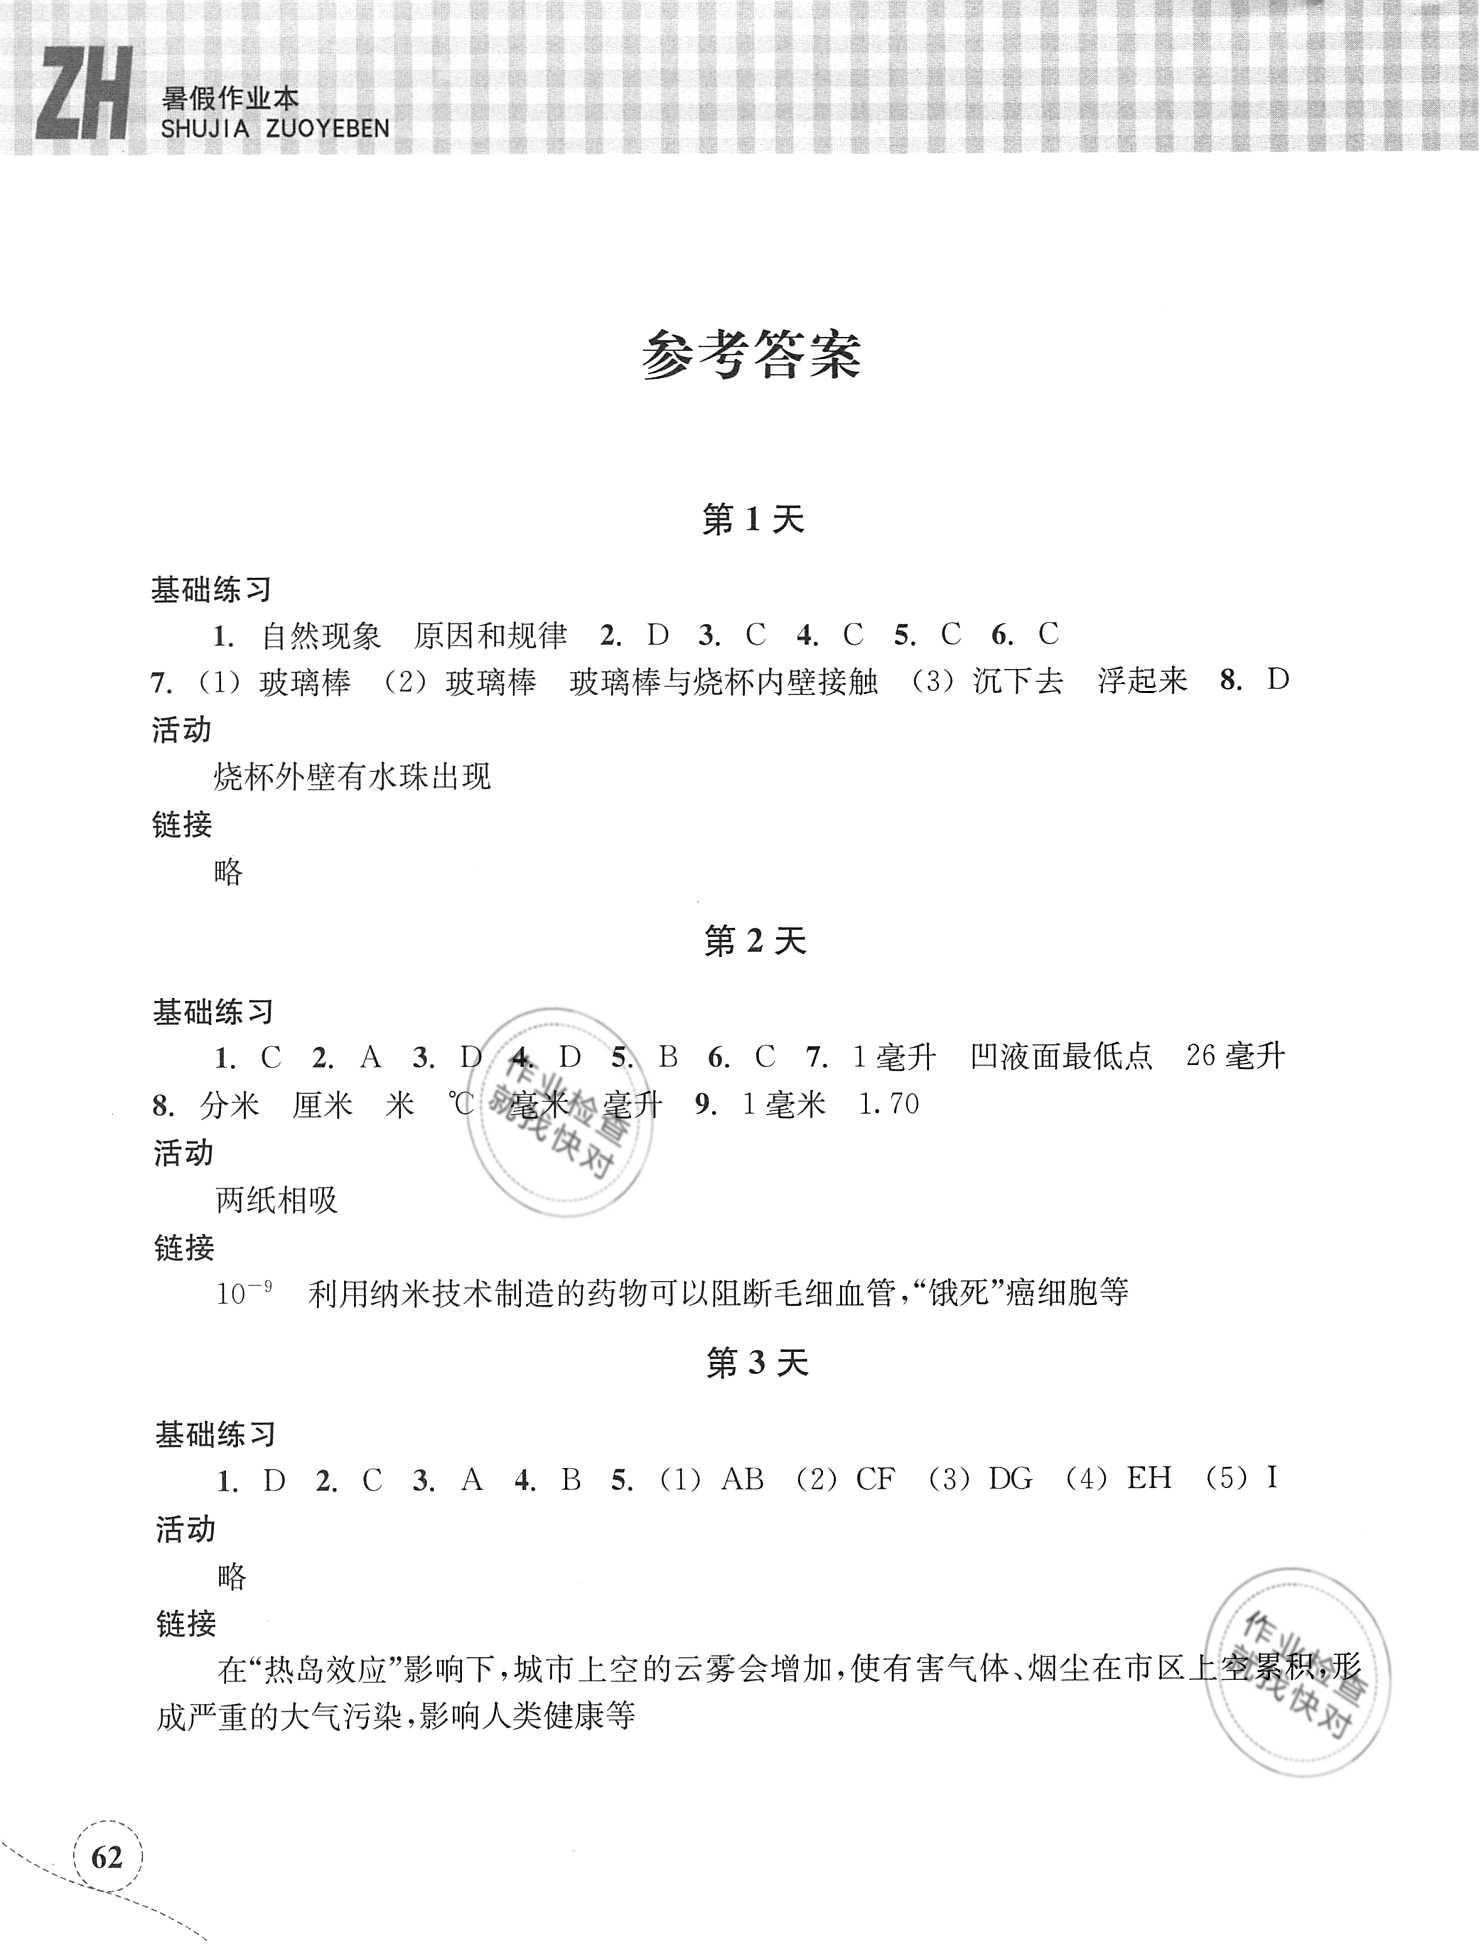 2020年暑假作业本七年级科学(ZH)浙江教育出版社